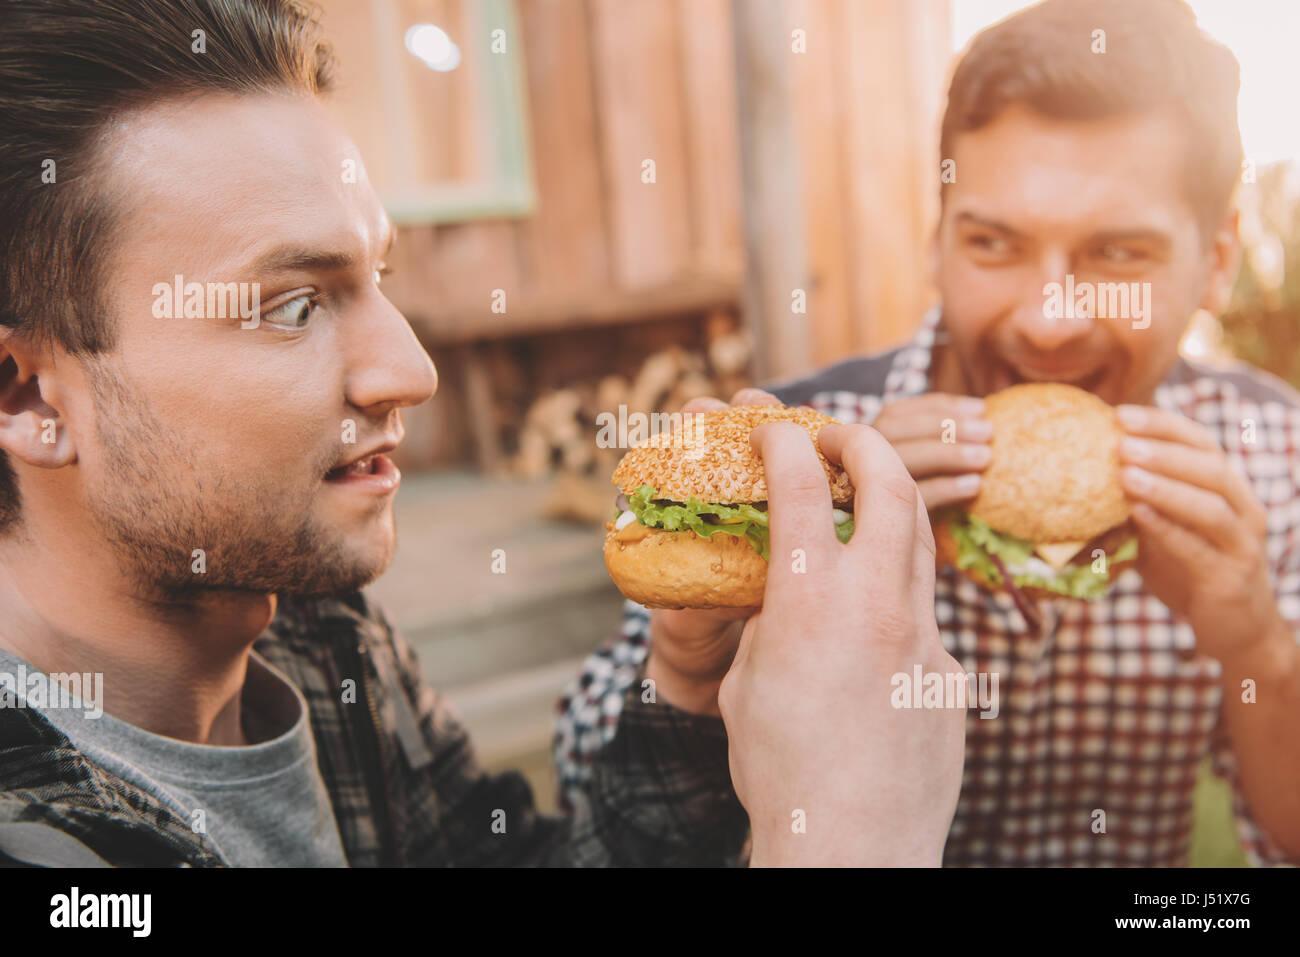 Emotionale junge Männer, die Gourmet-Hamburger im Freien essen Stockbild